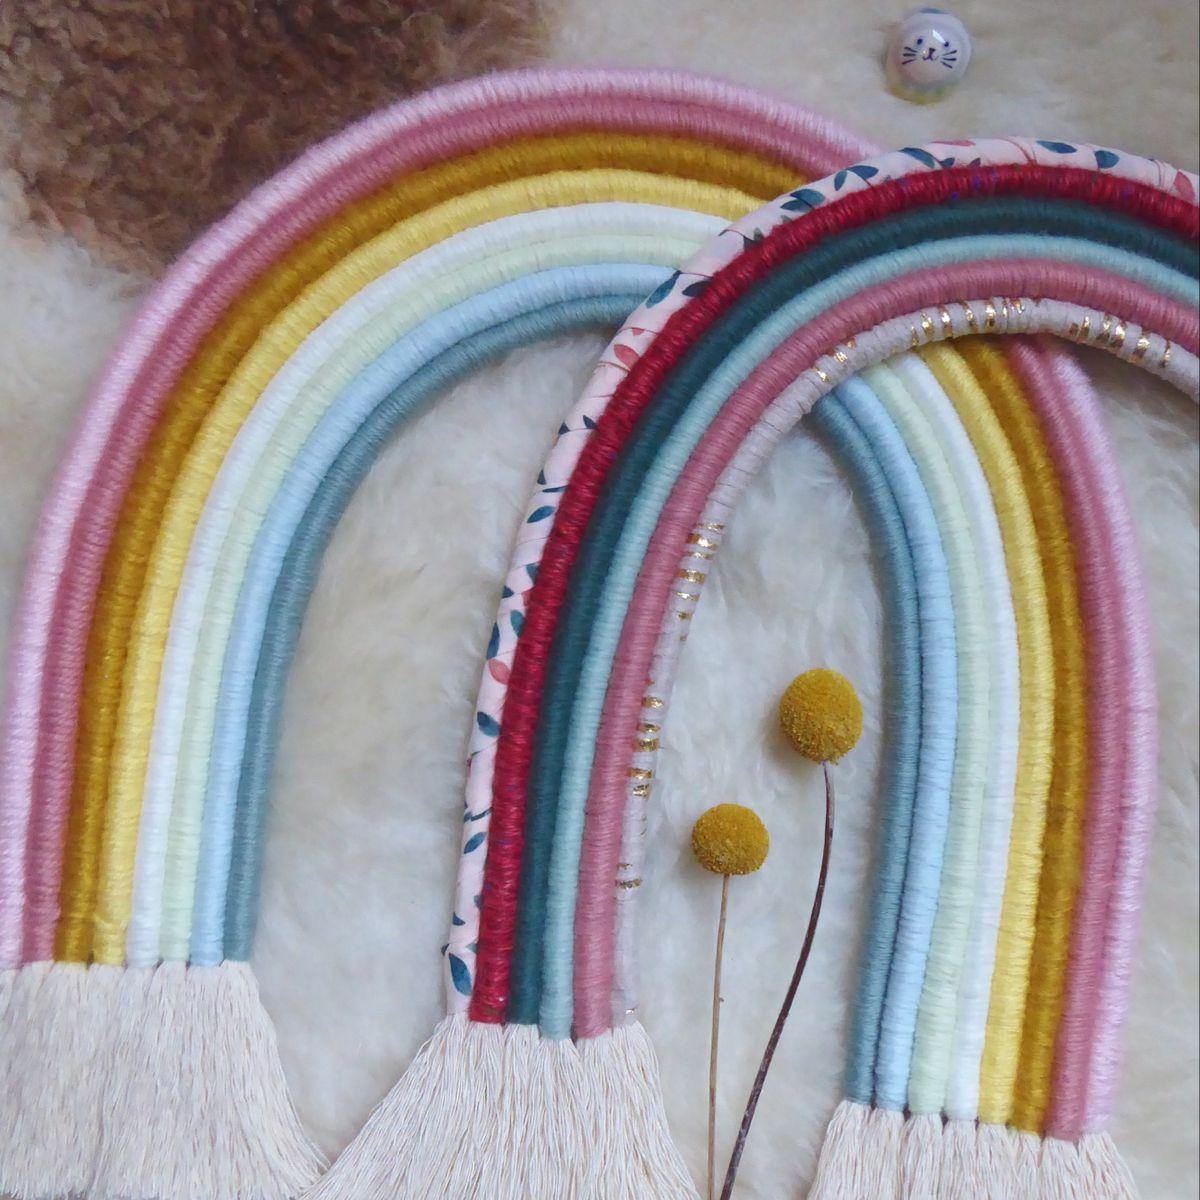 #rainbowdecor #macrame #kidsdecor #decoenfant #ideecadeauenfant #kidsroom #rainbowrope